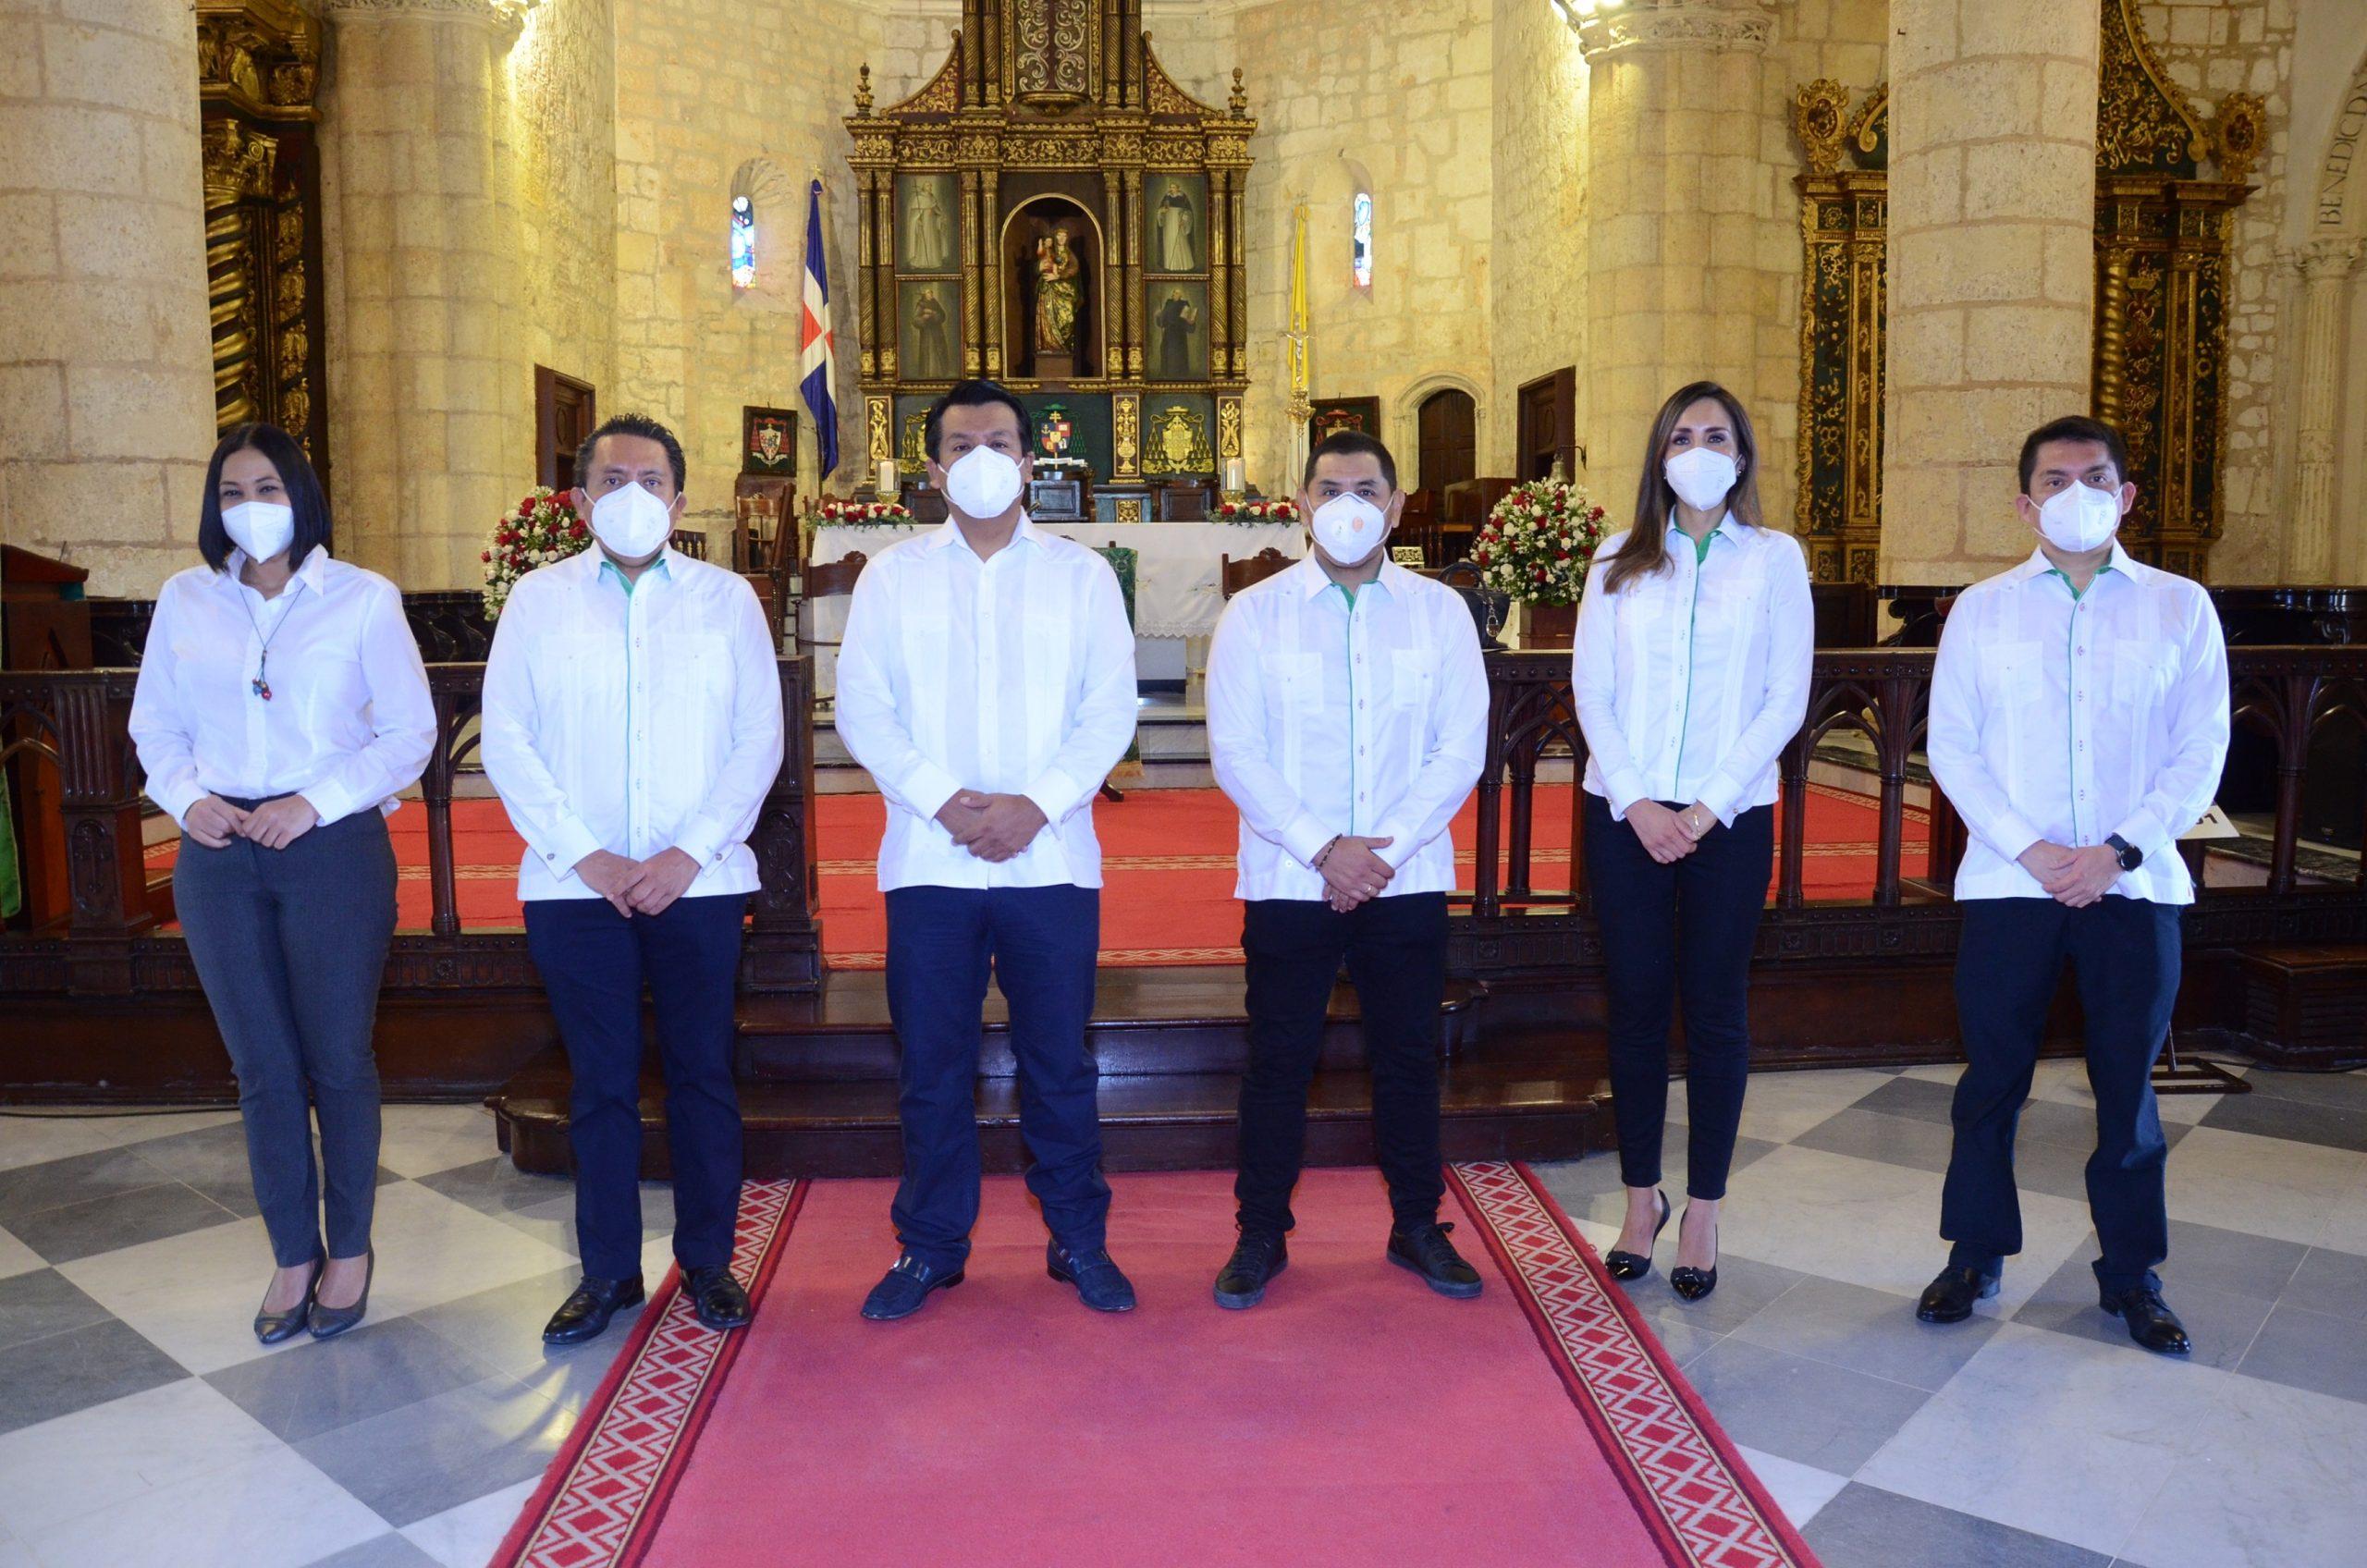 -Lizzie González, Mario Medina, Arturo Marroquín, Carlos Butrón, Lorena Gutiérrez y Ubaldo Dedios